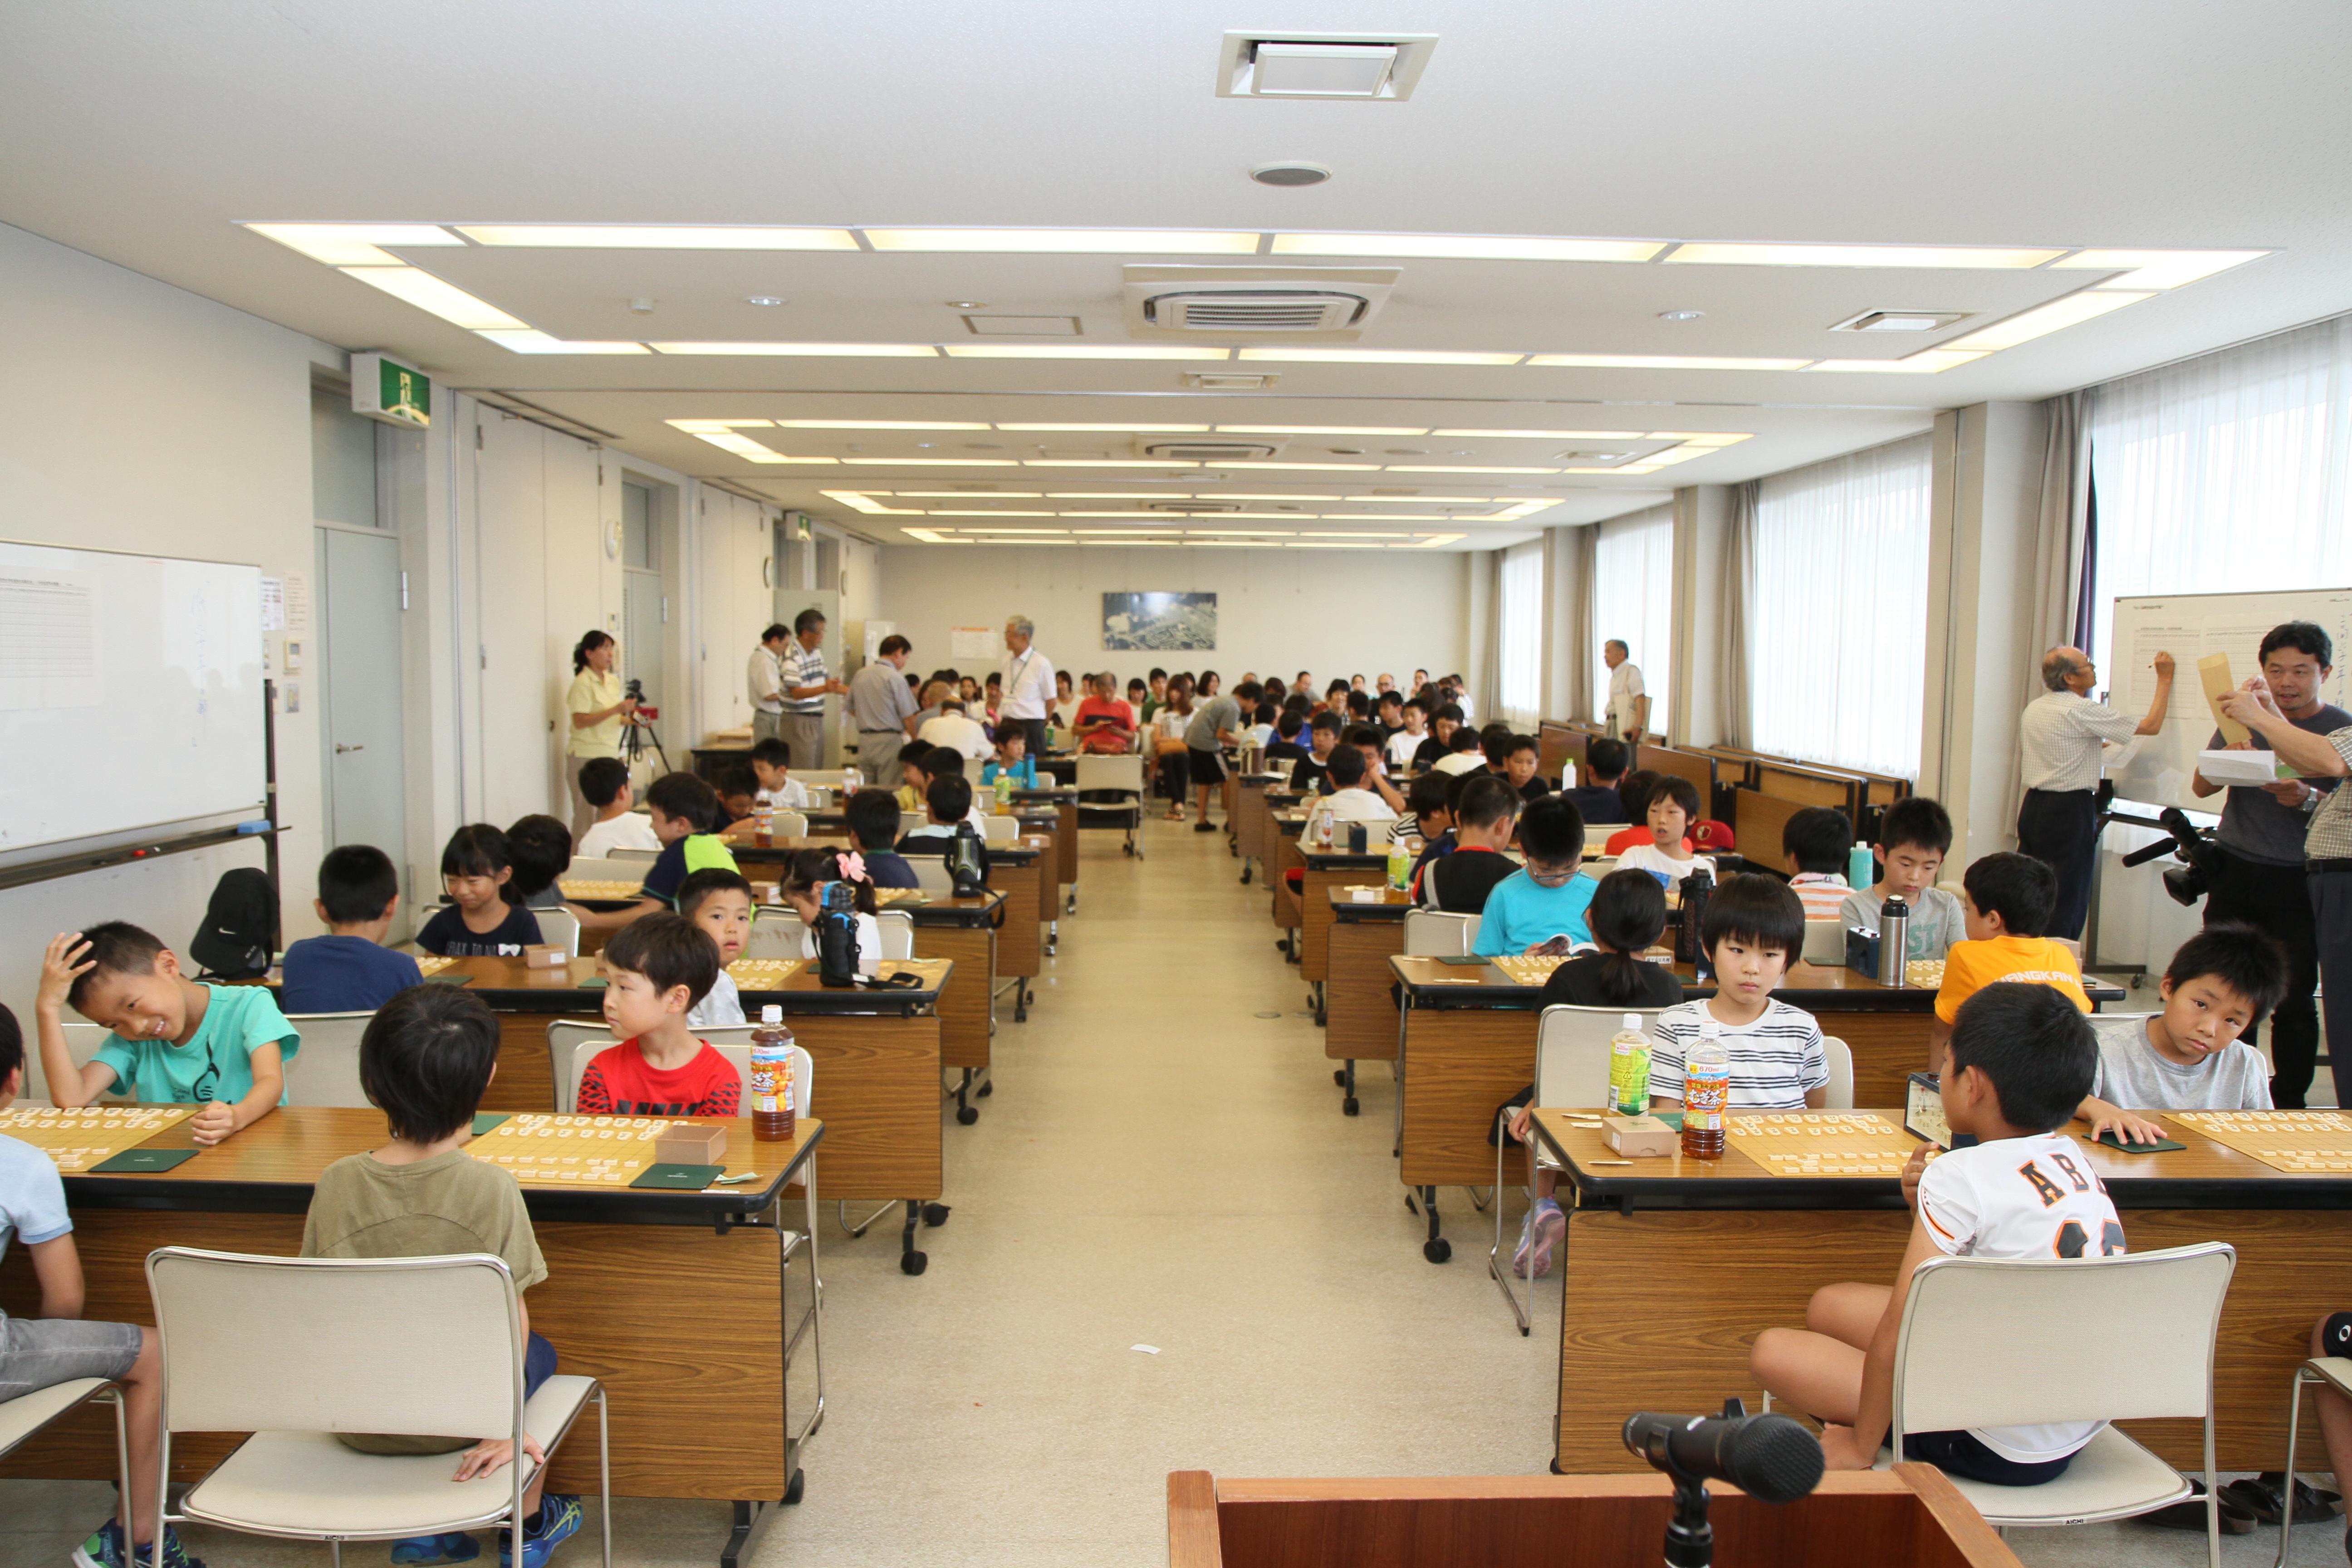 第11回 可児市小学生夏休み将棋大会